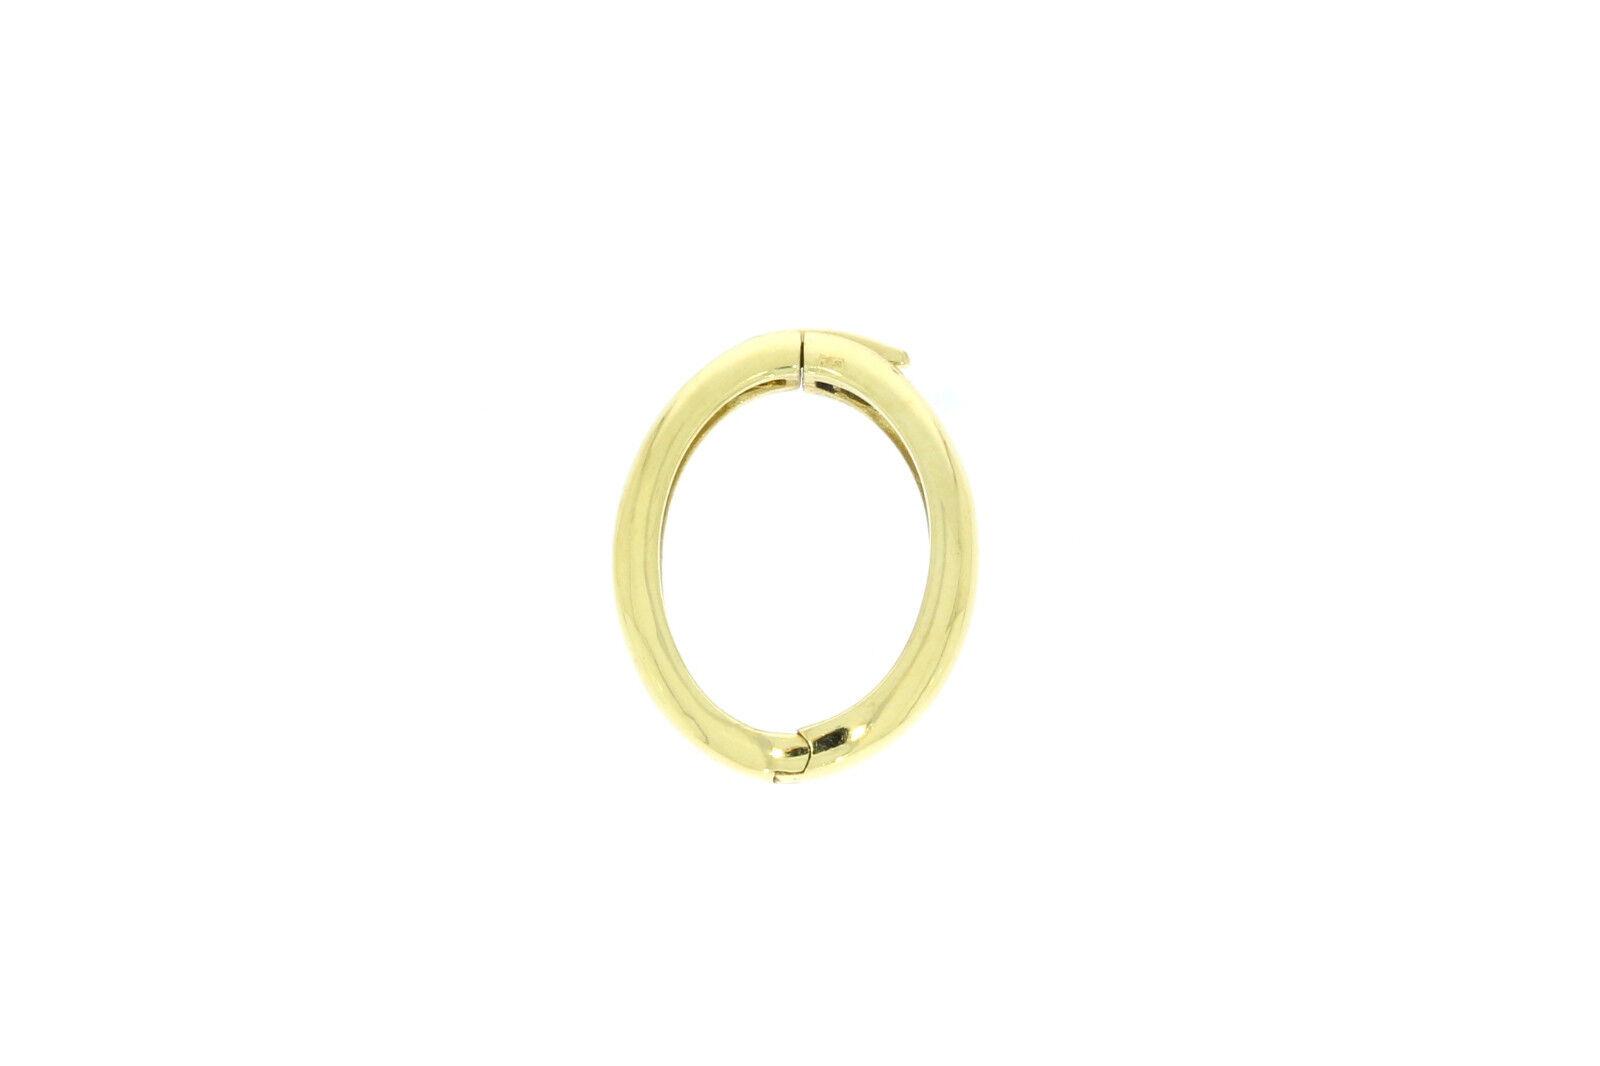 A1490-585er yellowgold Schloß für Perlenkette 22x2 mm Gewicht 2,6 Gramm